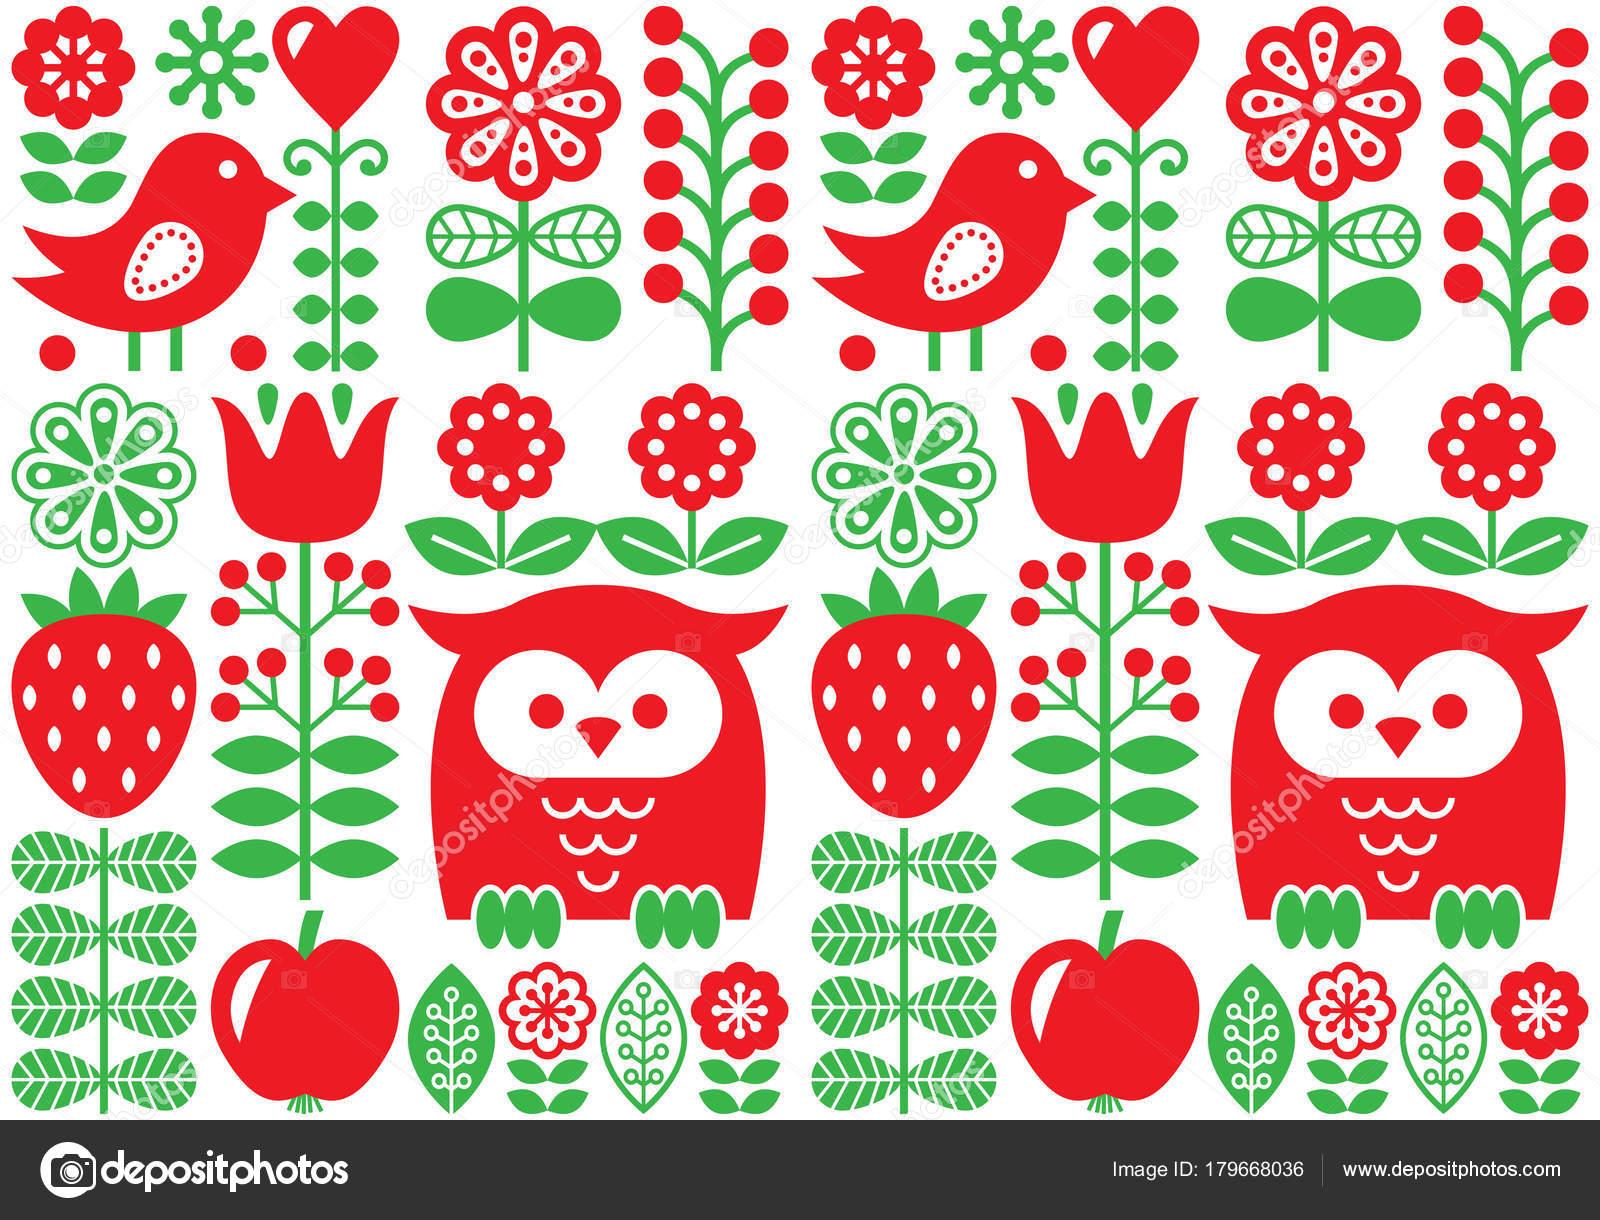 Finnischen Inspiriert Nahtlose Volkskunst Vektormuster   Skandinavisches  Design, Nordische Tapeten Mit Blumen Und Vögel U2014 Vektor Von RedKoala